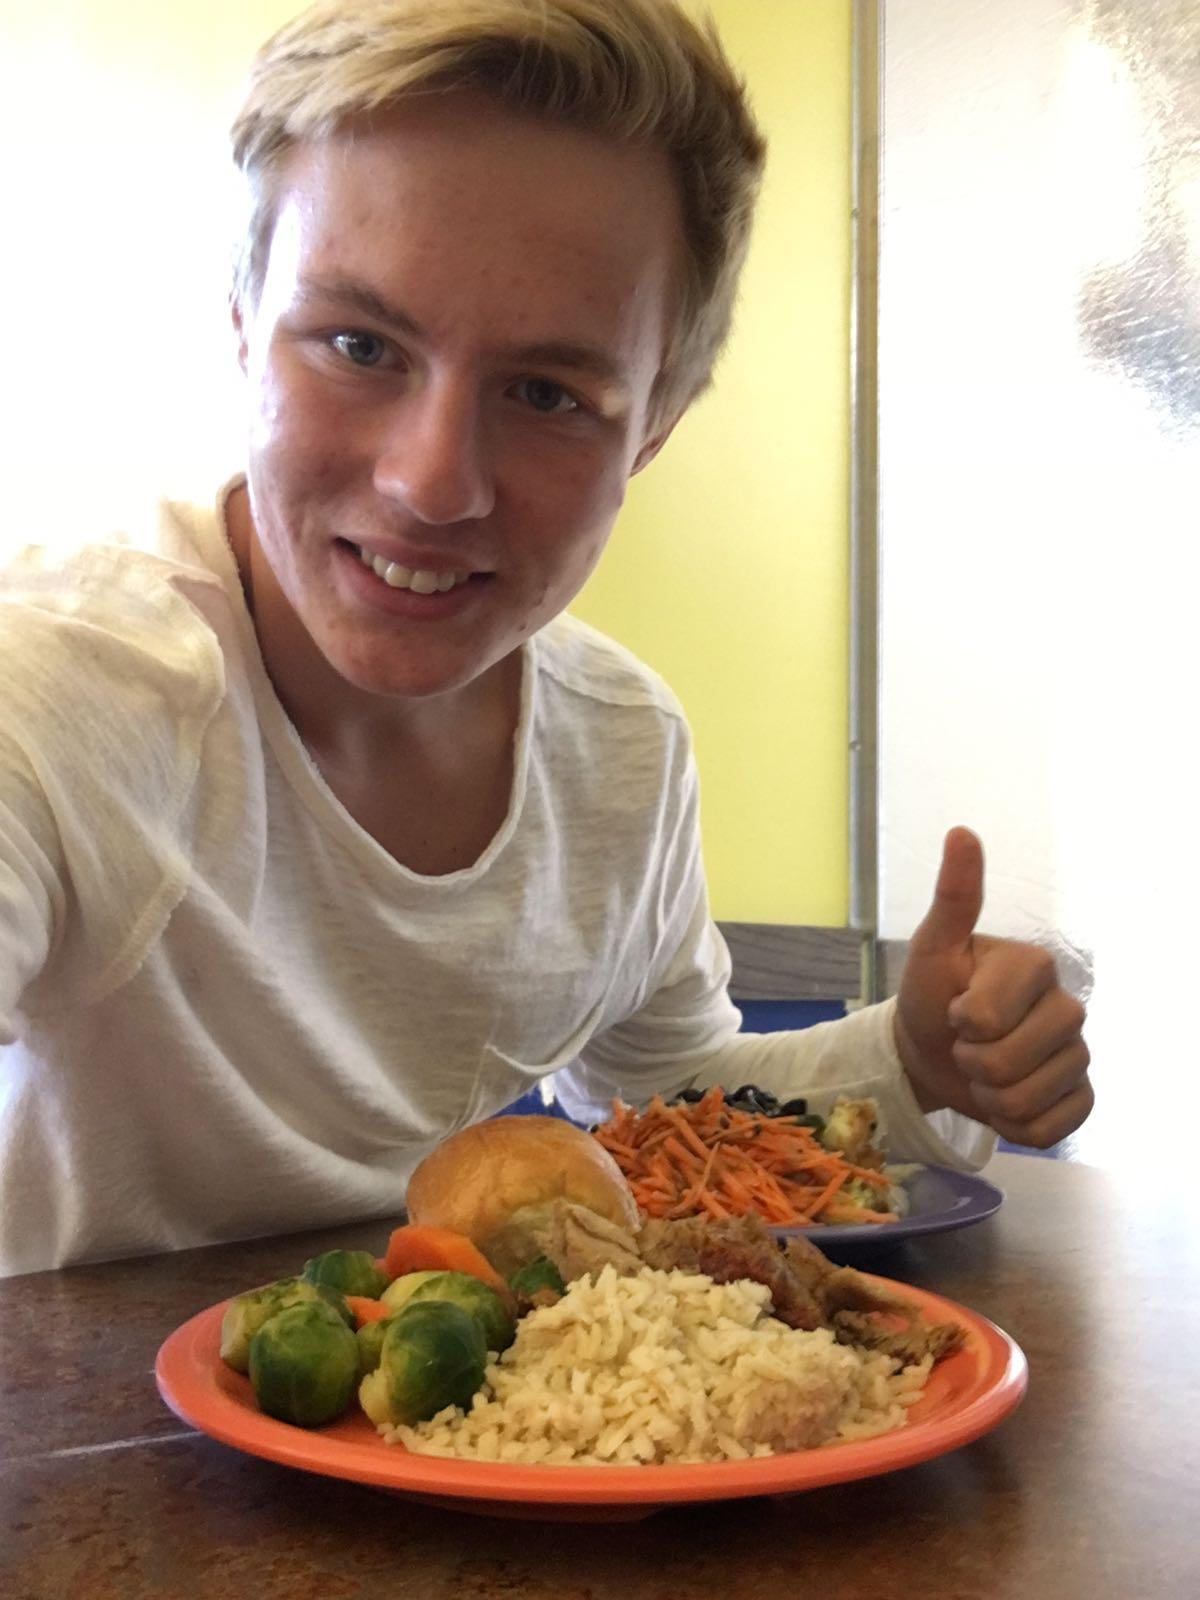 Gesunde Ernährung ist für Leon sehr wichtig.